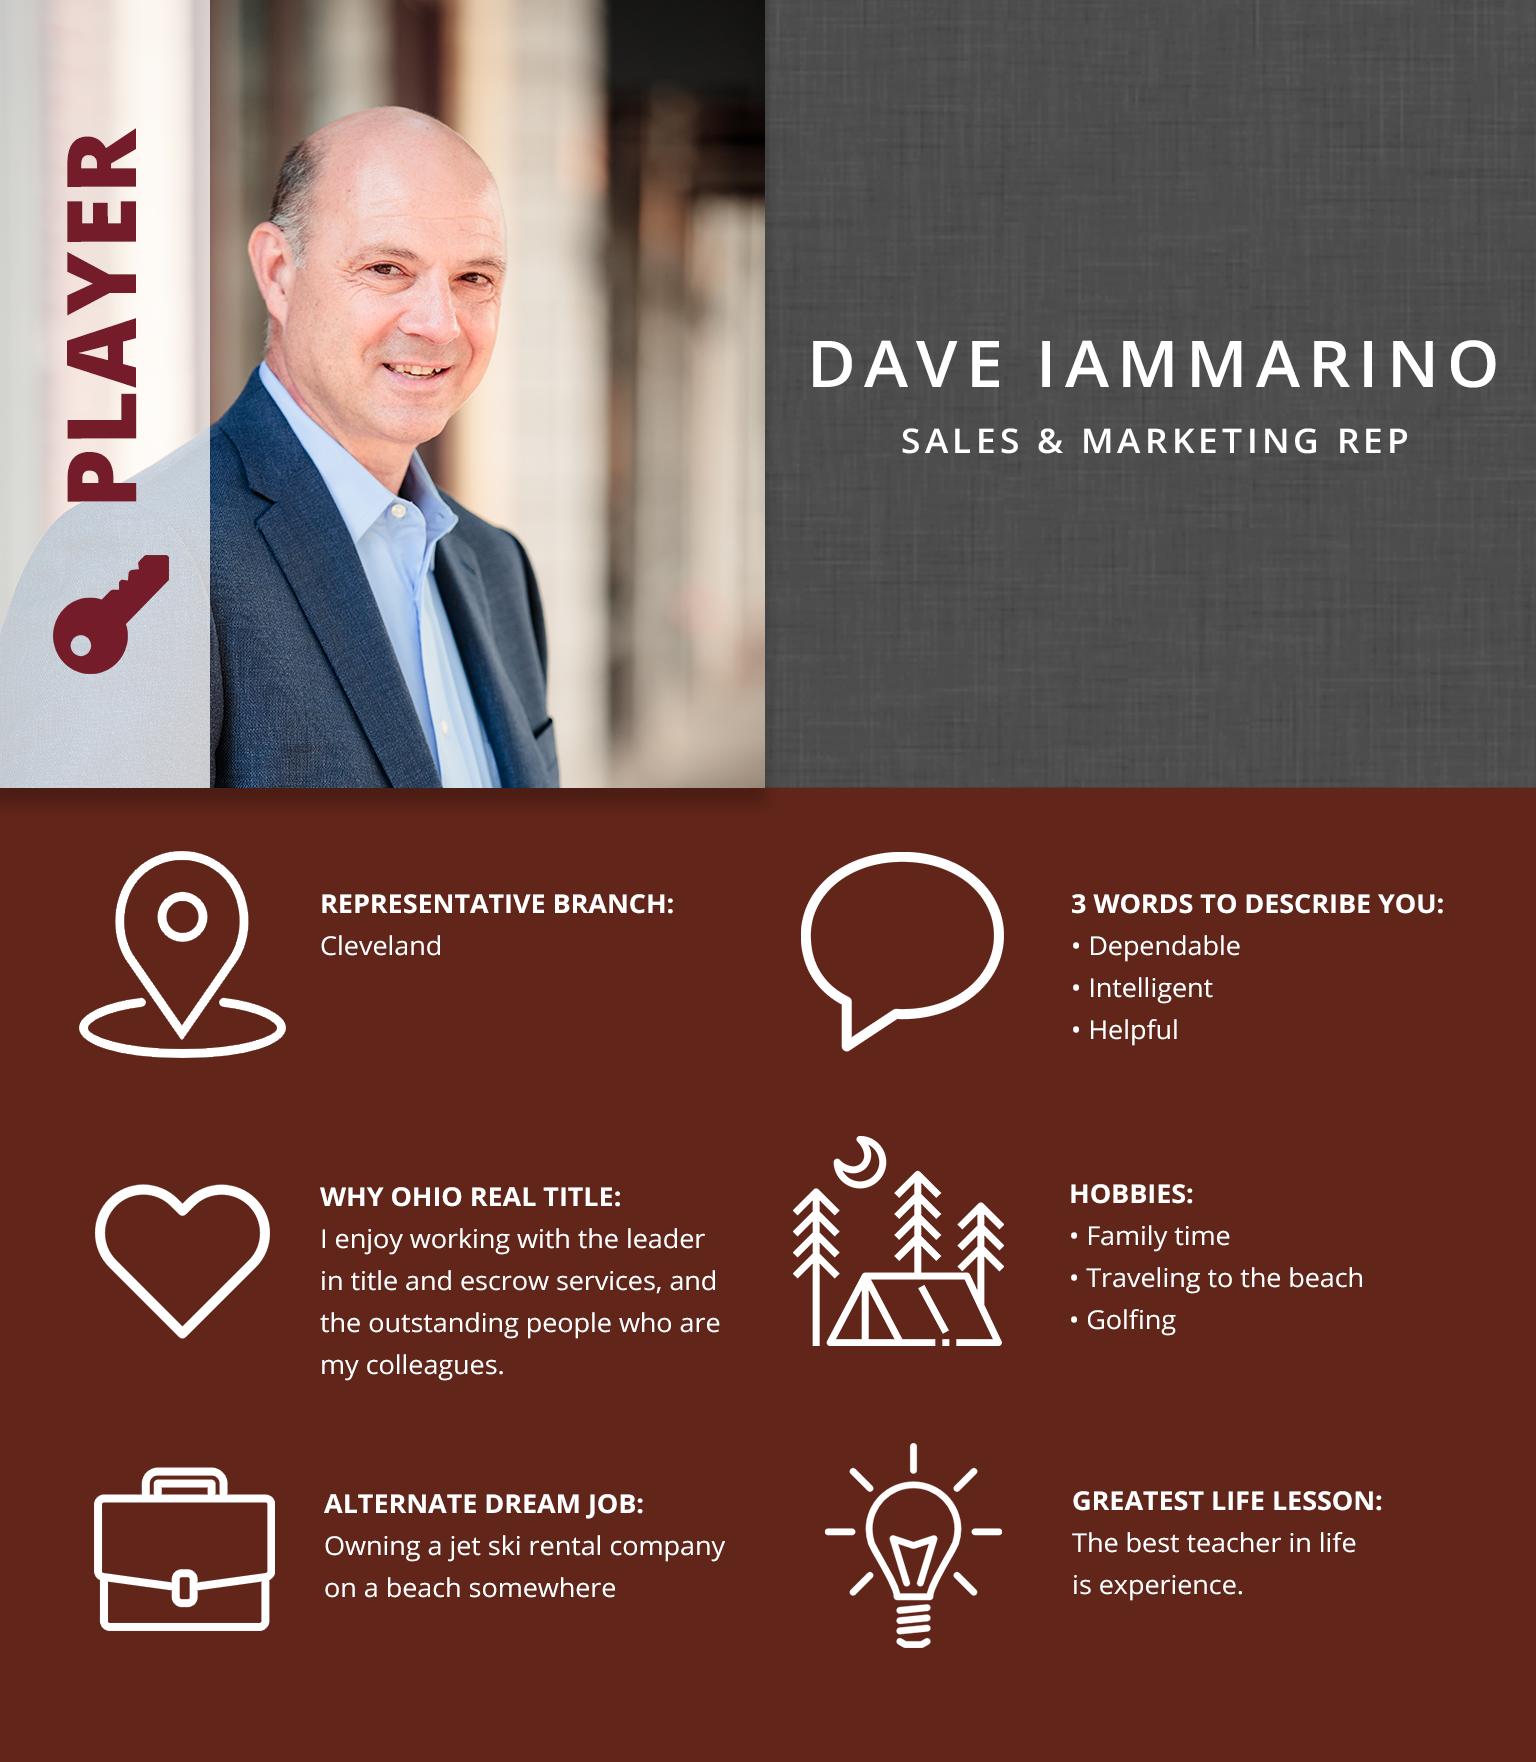 Dave Iammarino